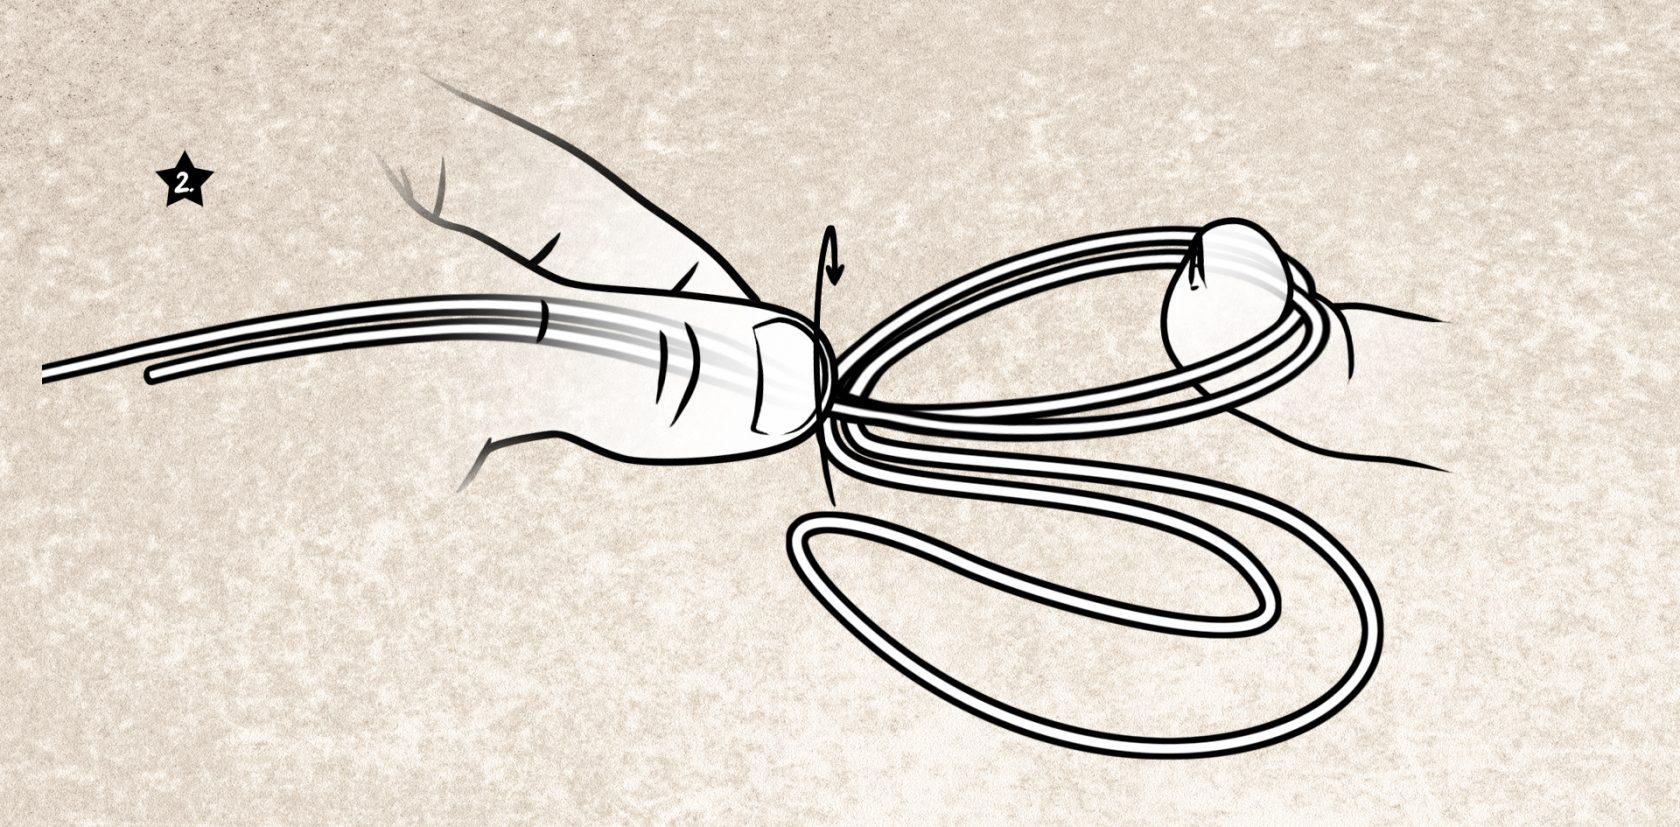 Schlaufenknoten für geflochtene und monofile Schnur